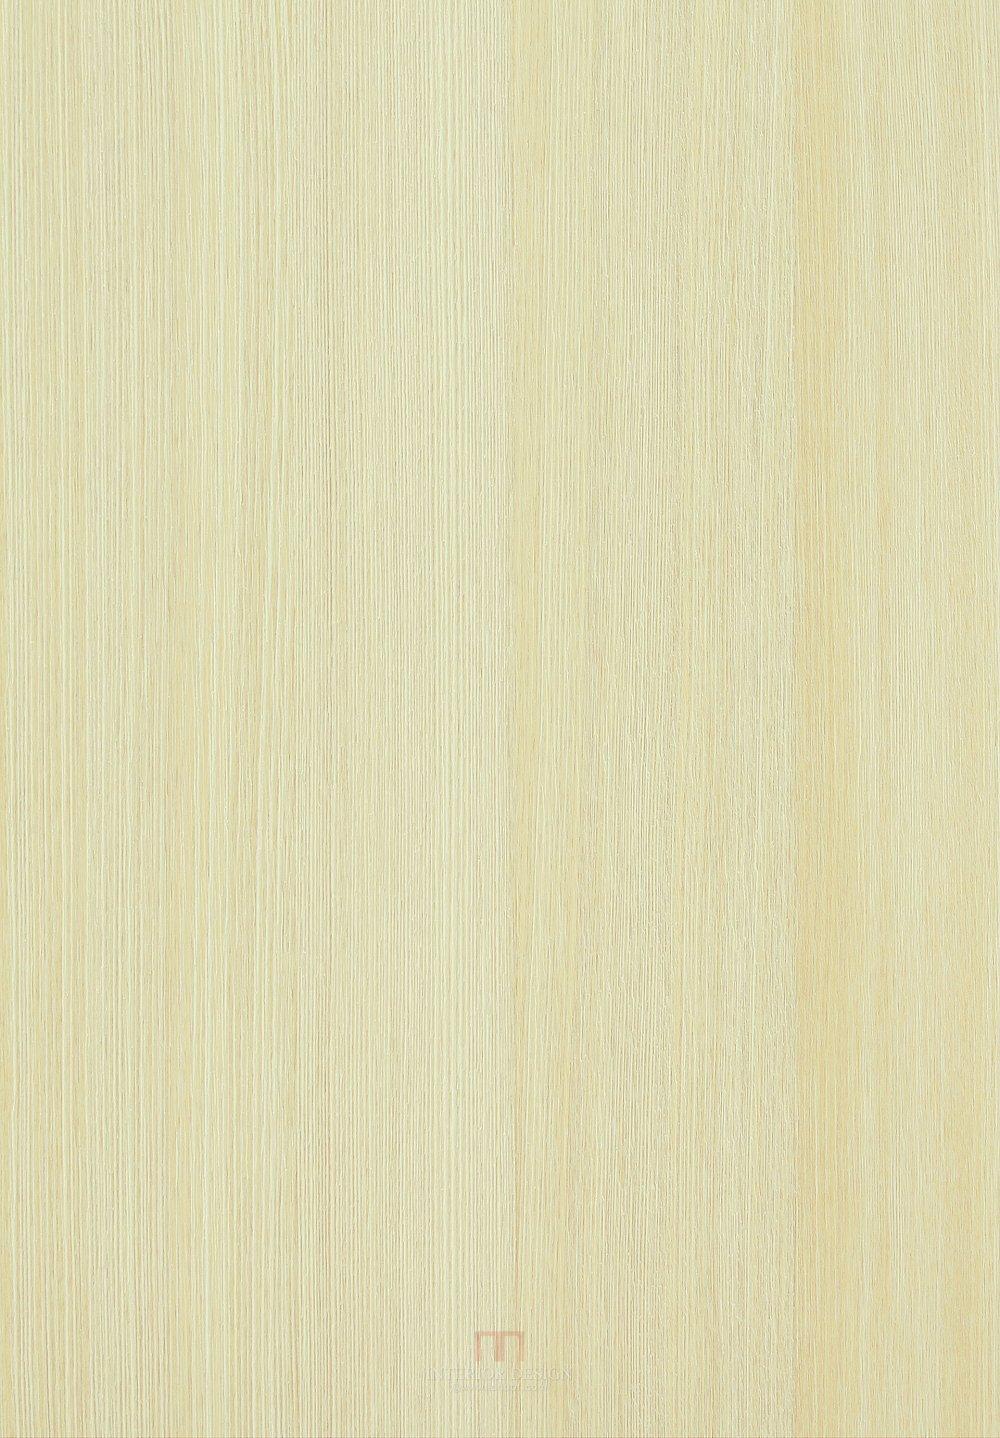 K6196GN_檜木噴砂自然拼.jpg